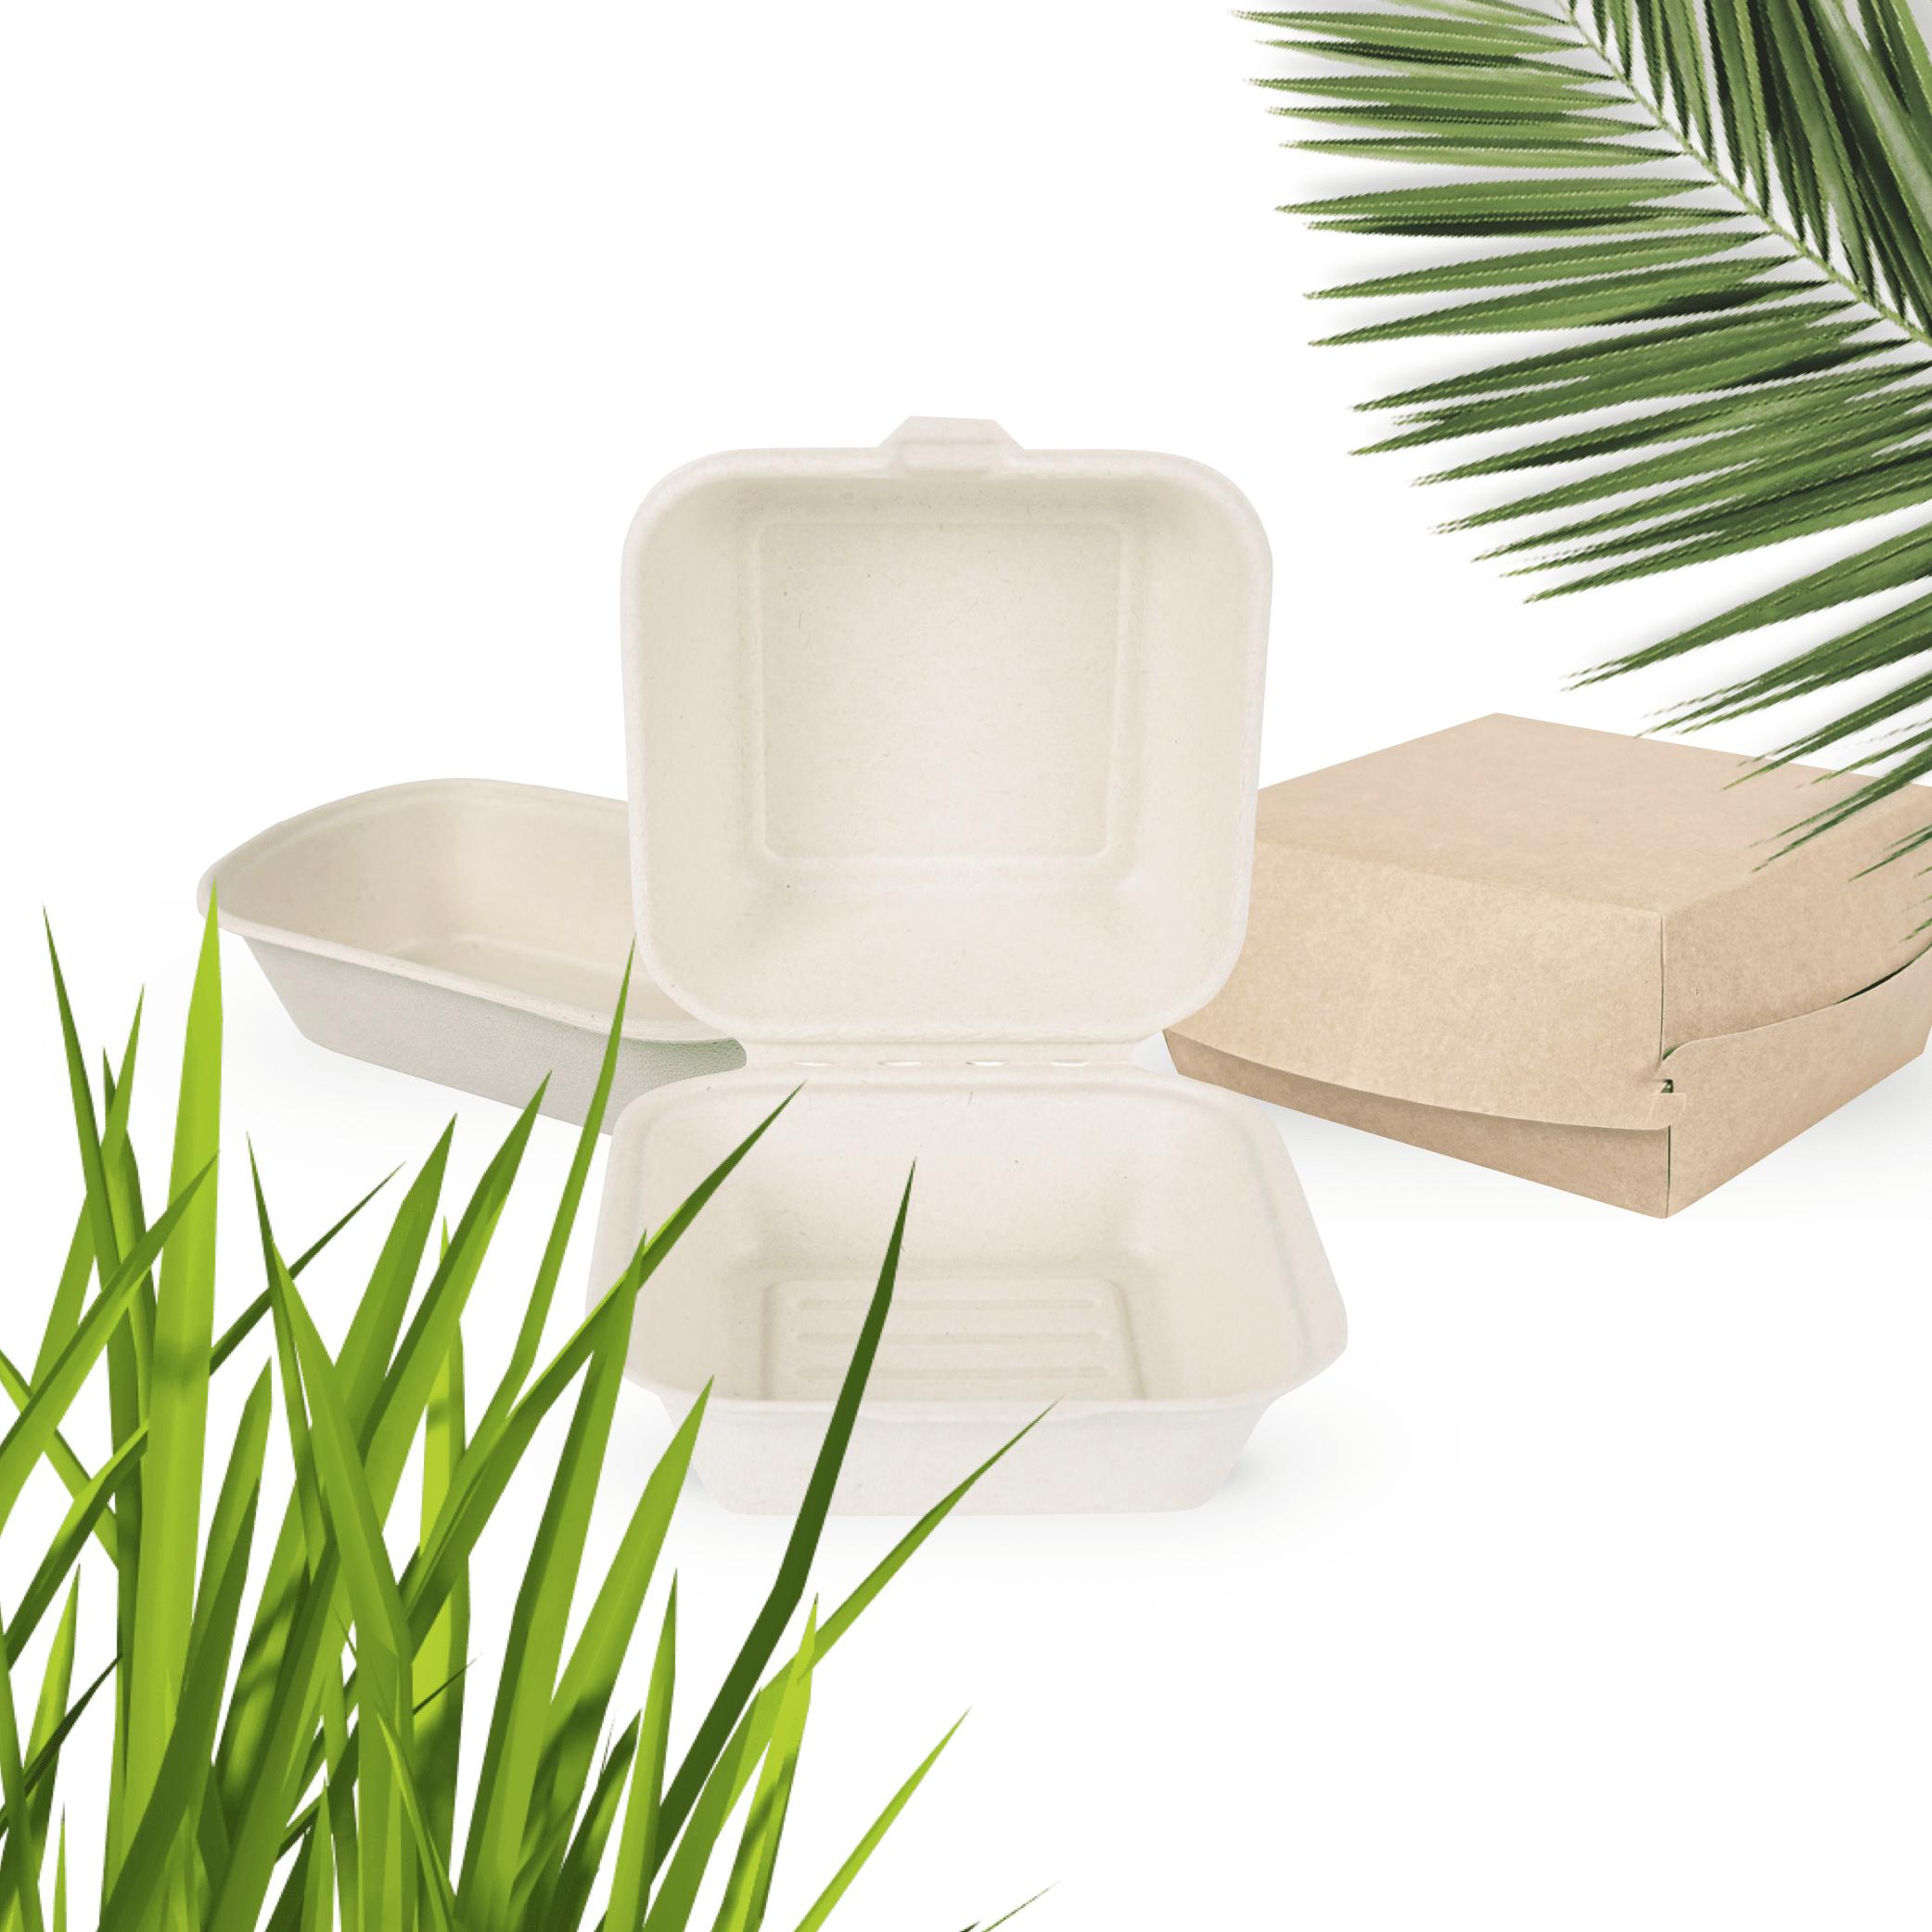 BIO razgradljiva embalaža – predstavitev materijalov